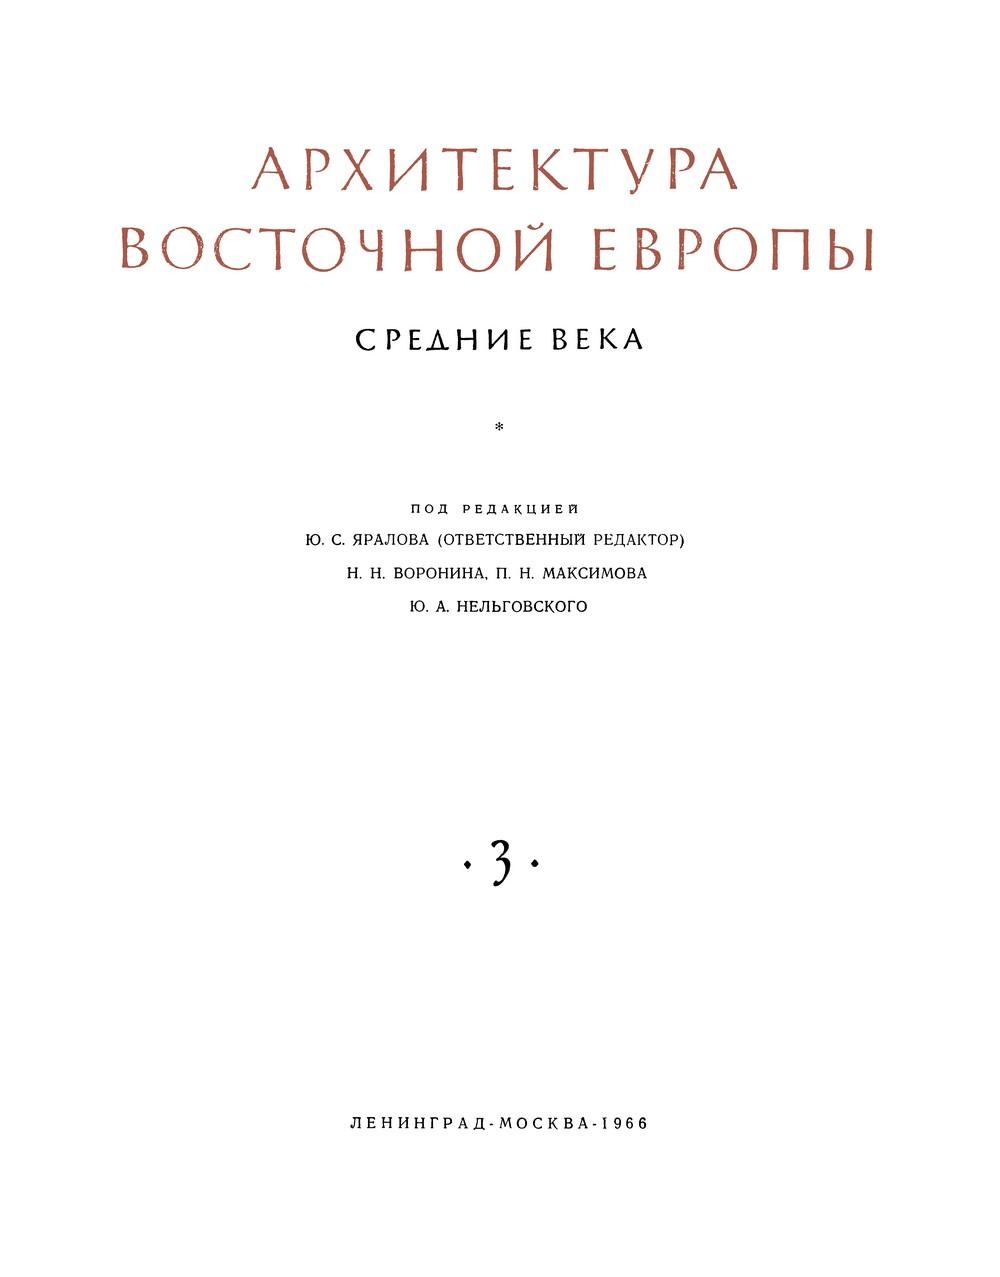 Архитектура Восточной Европы. Средние века